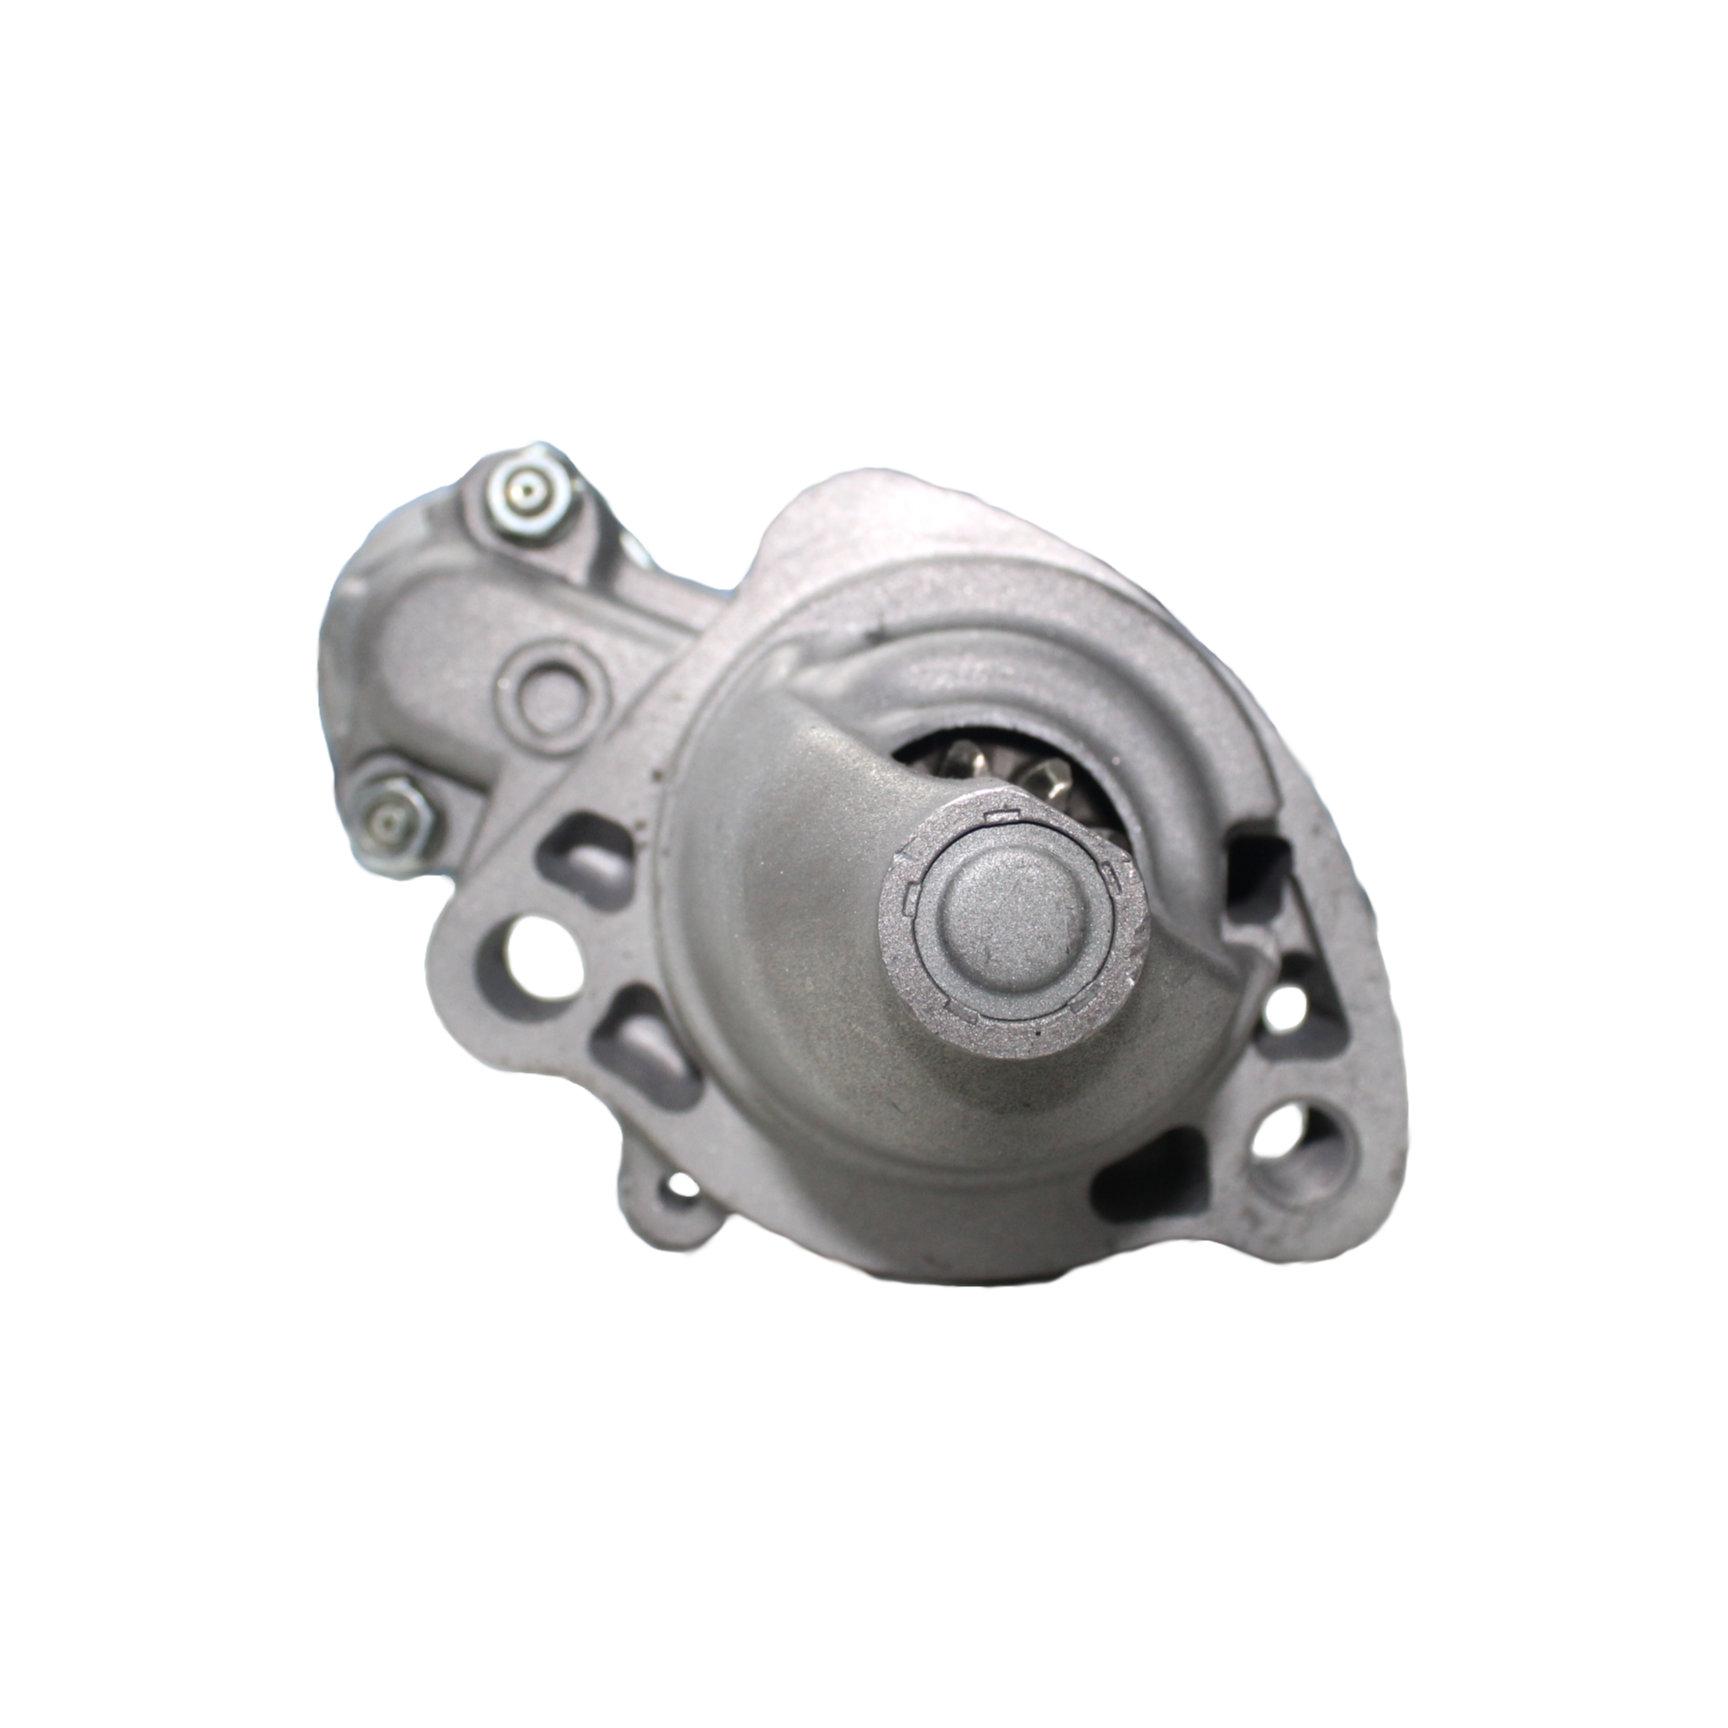 Motor de Arranque Partida Honda Fit 1.4 03...08 4280003460